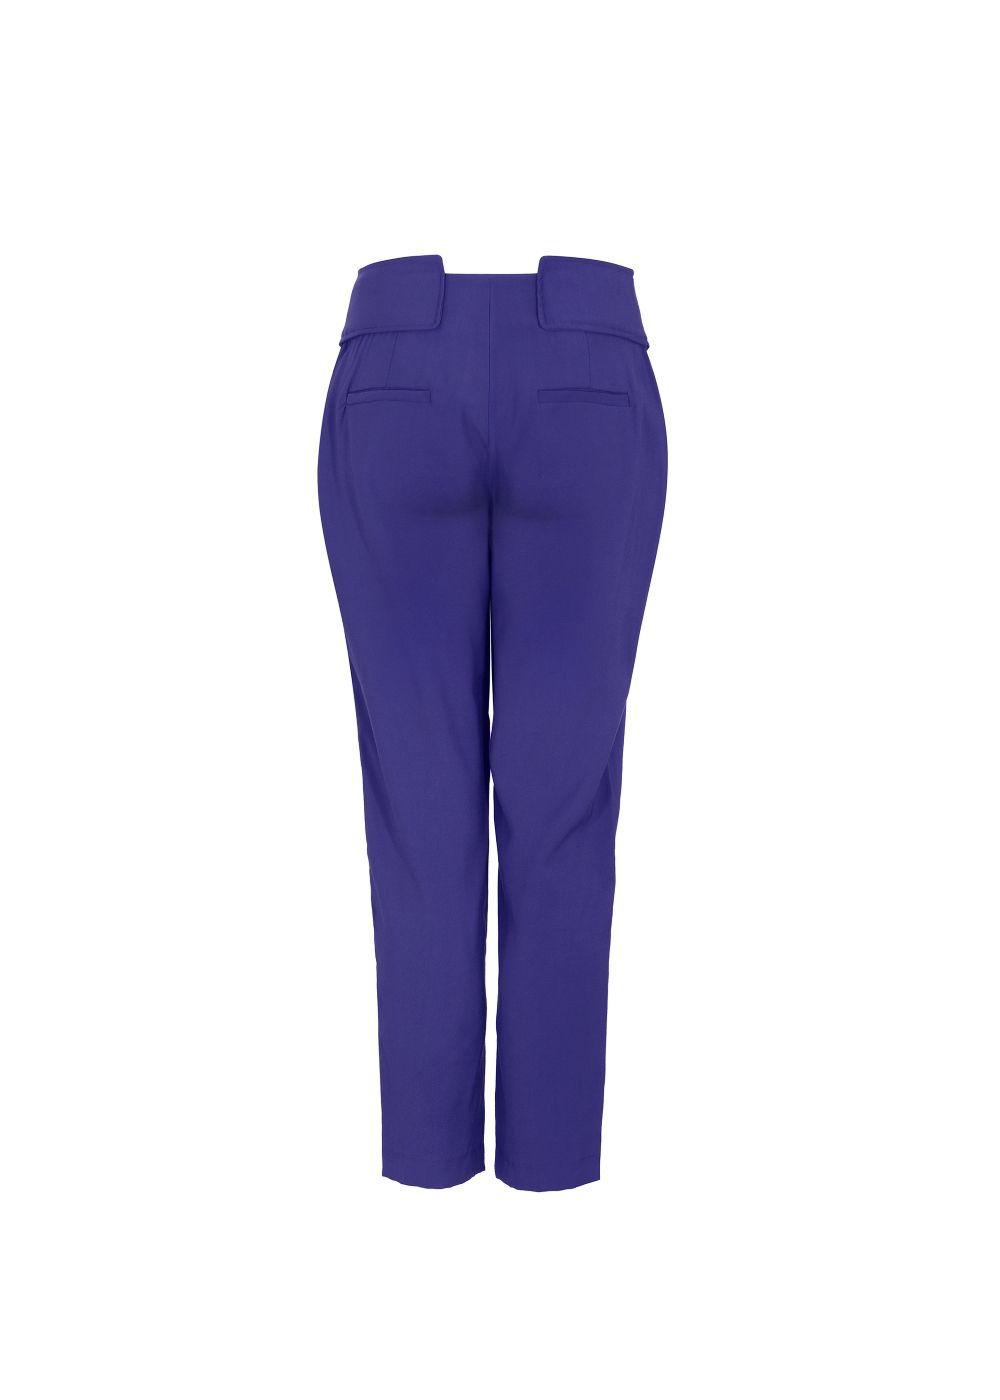 Spodnie damskie SPODT-0028-72(W19)